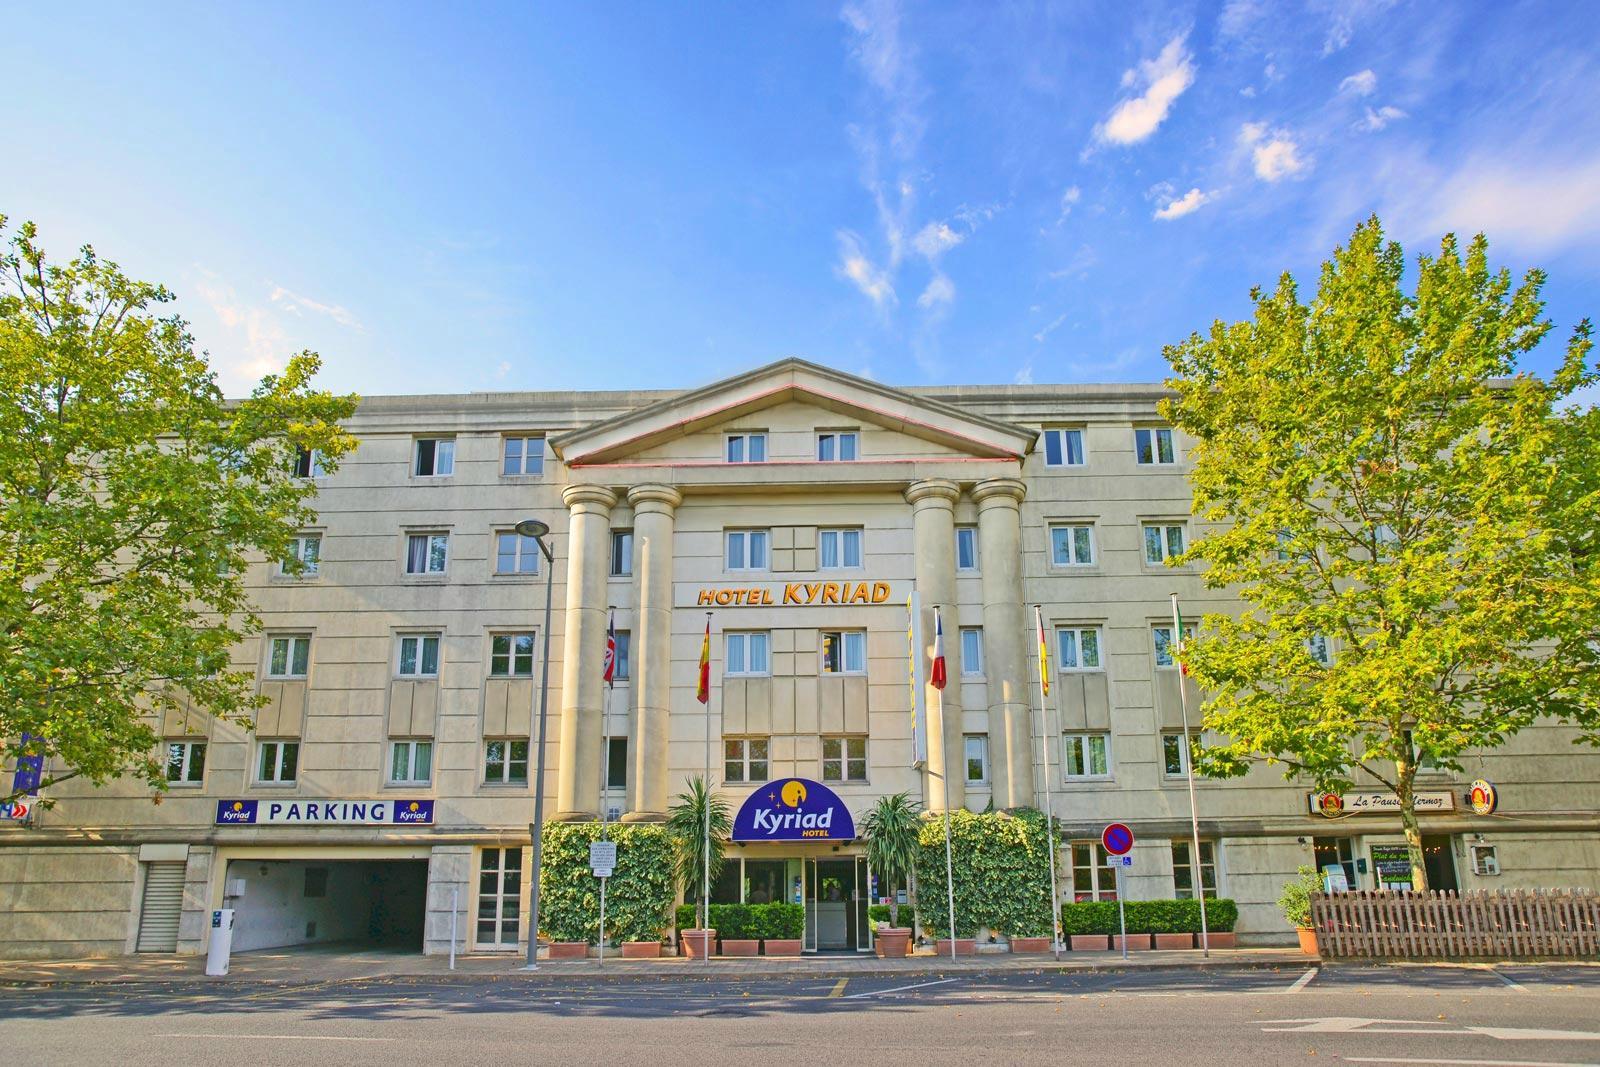 ホテル キリアド モンペリエ センター